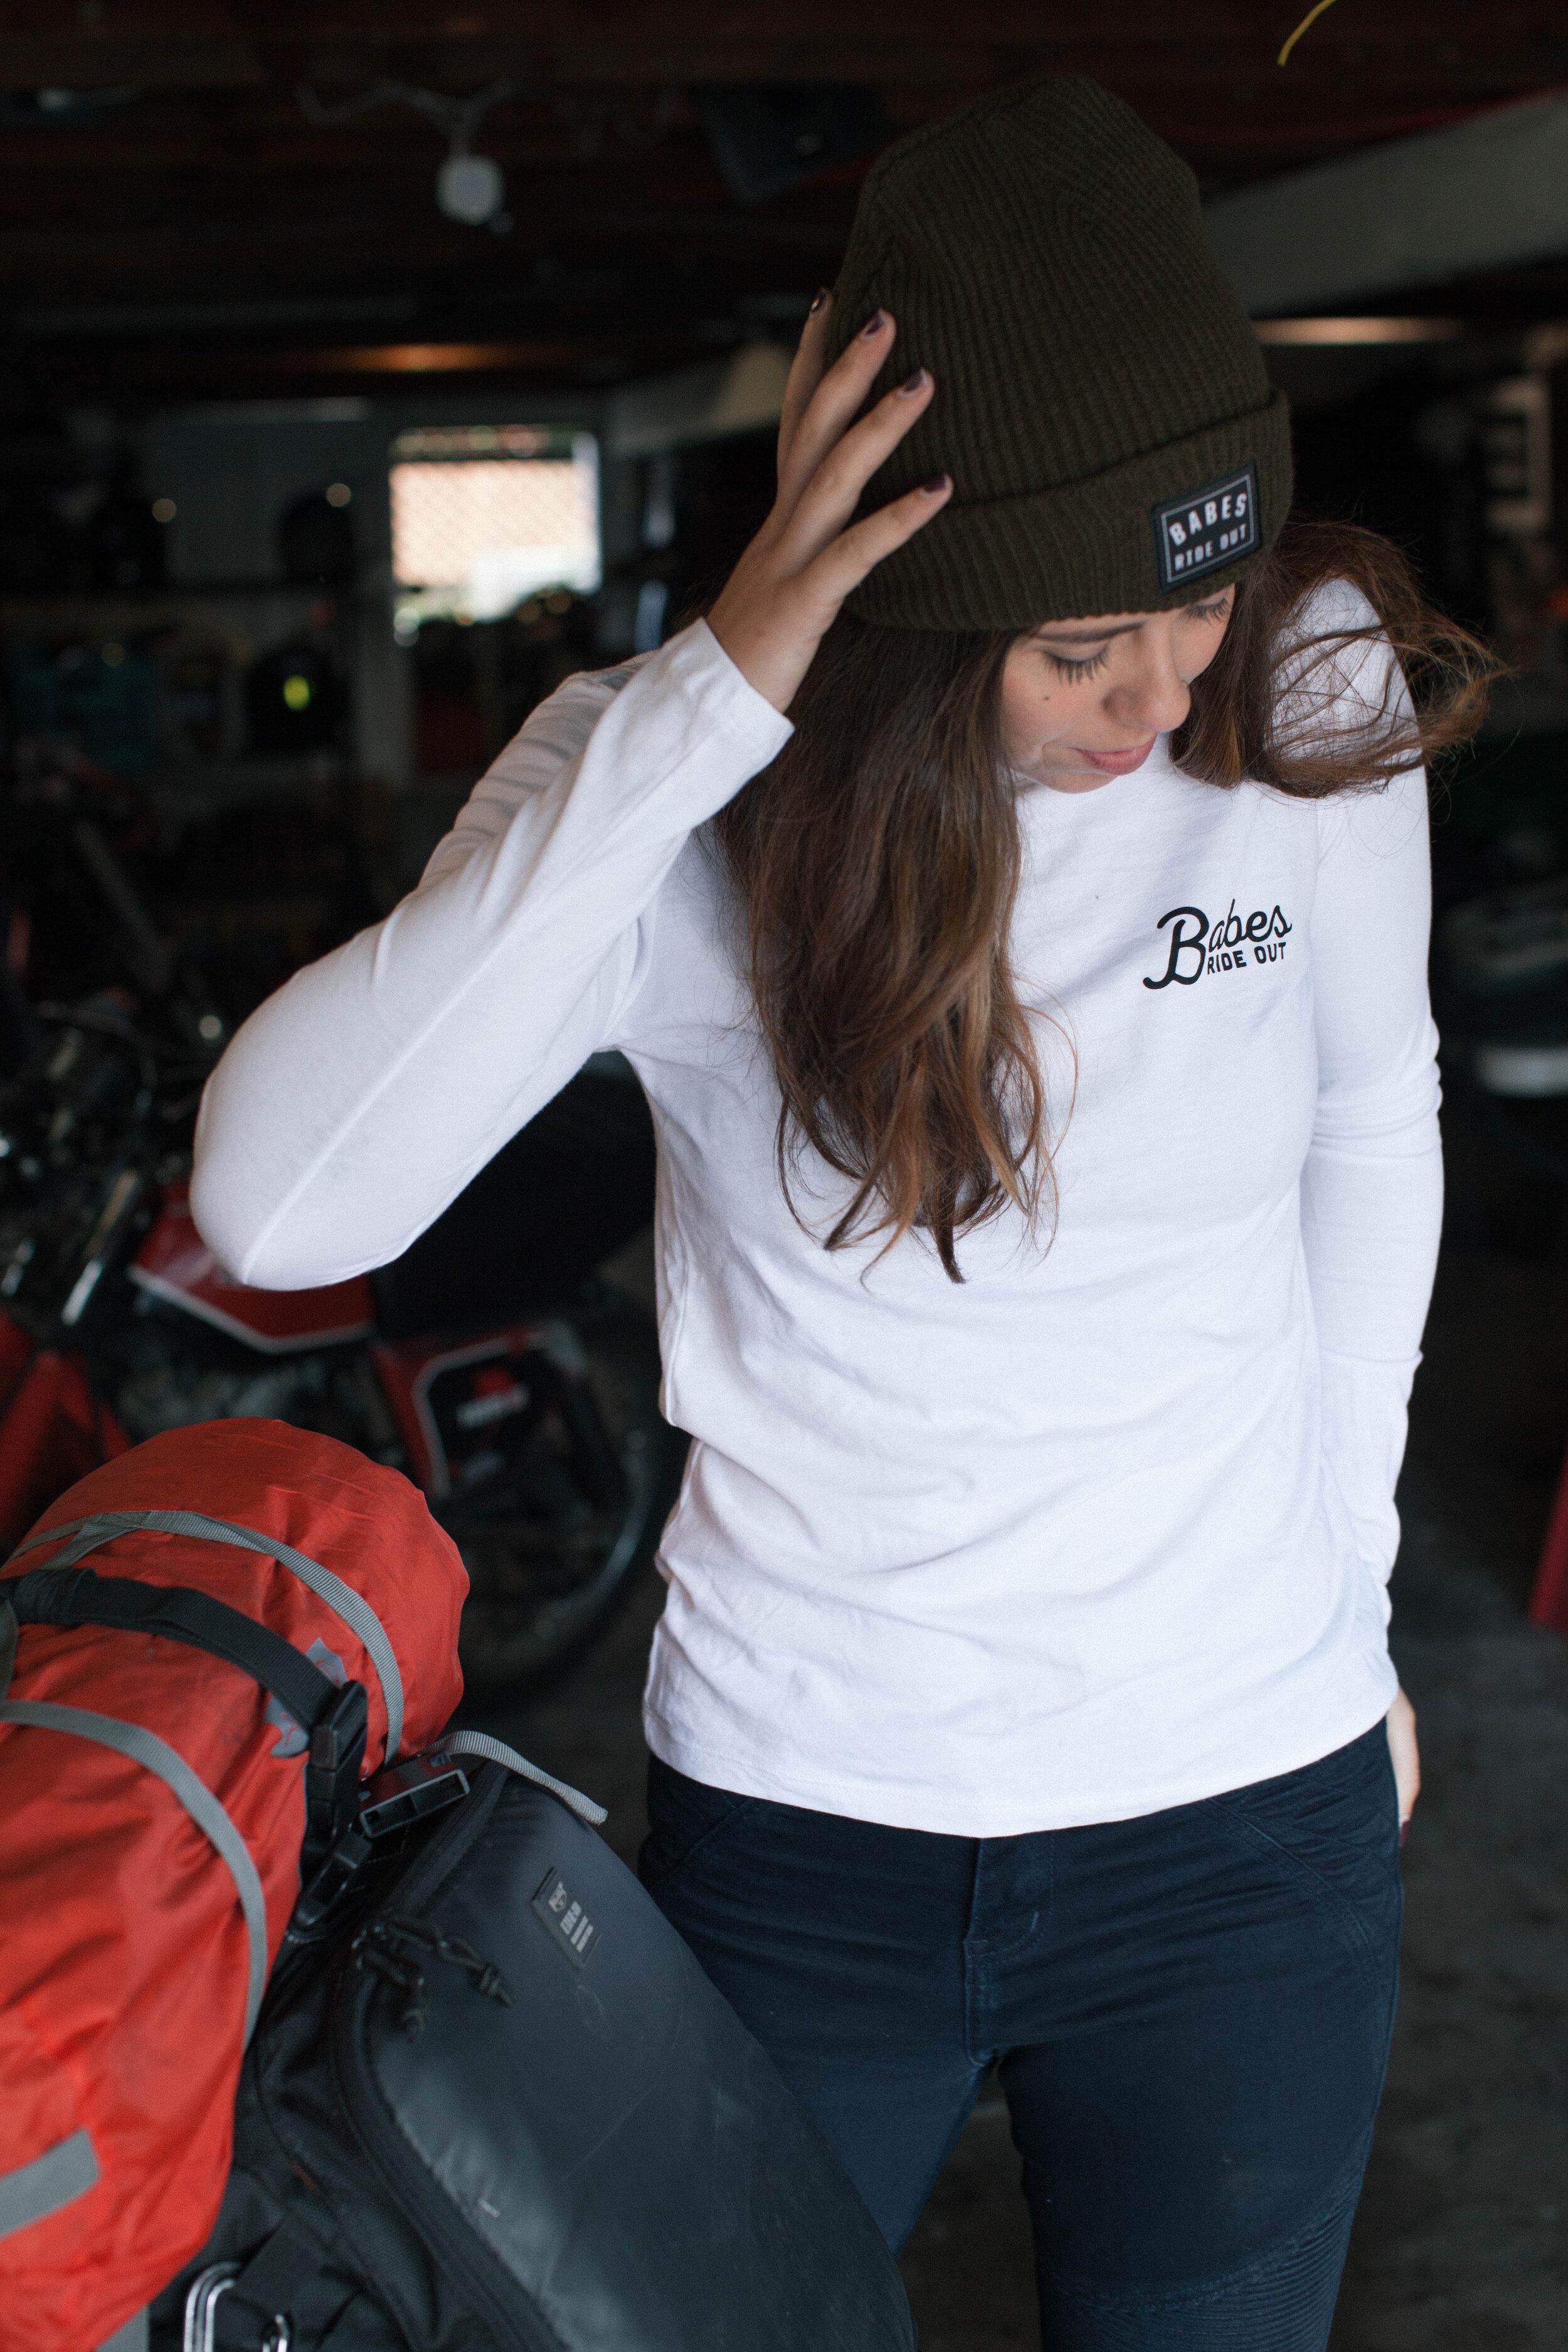 Babes_Ride_Out_Merch_0016.jpg